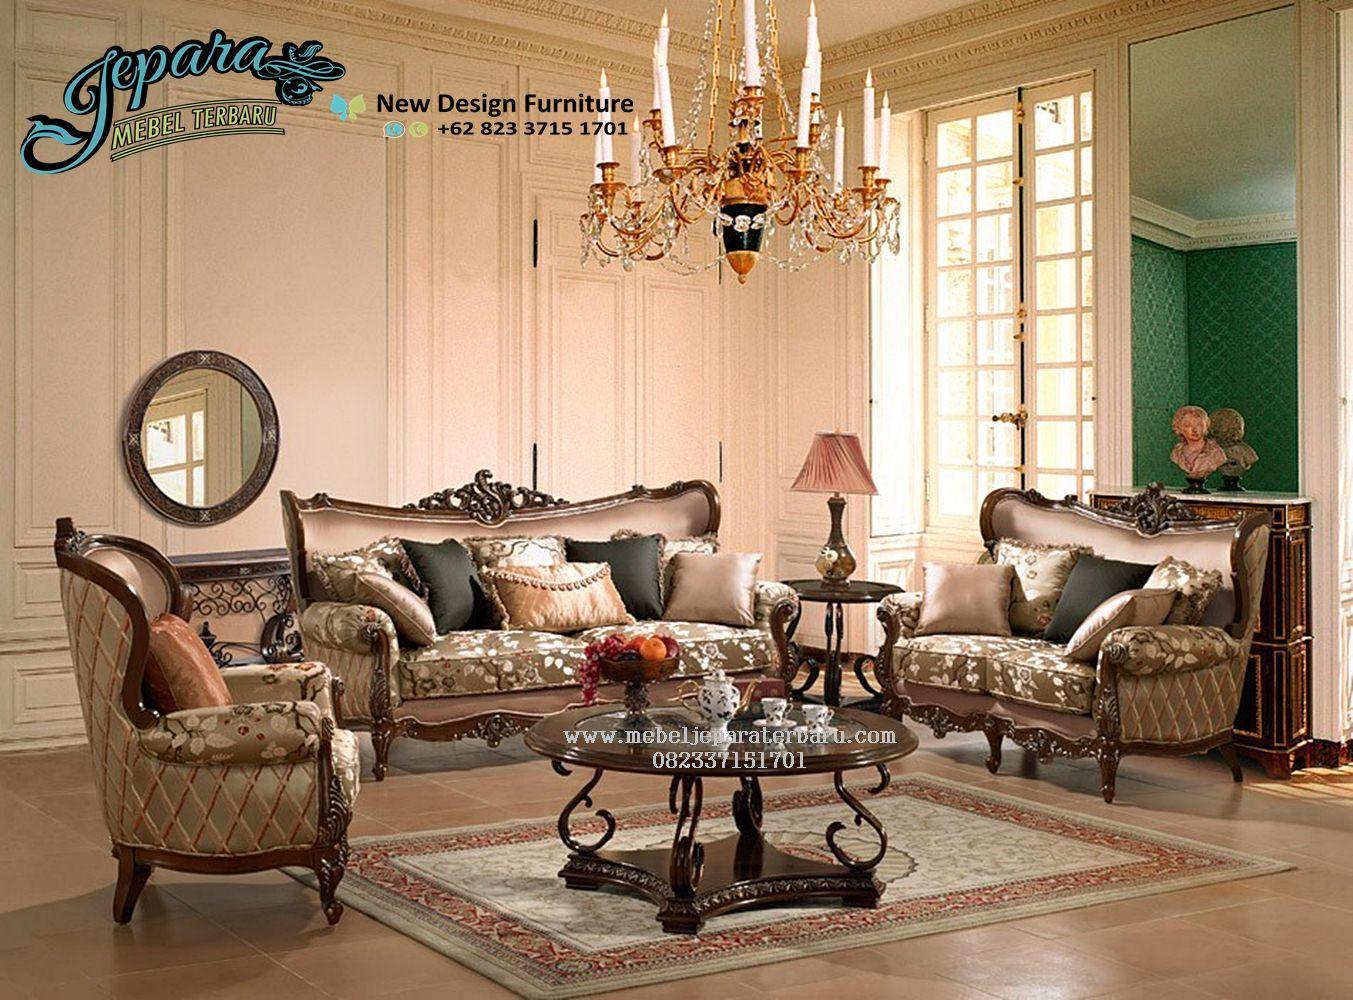 Kursi Sofa Tamu Model Eropa Mewah Terbaru SST-039, Set Sofa Ruang Tamu Jepara Luxury Style Klasik, Sofa Ruang Tamu Set Mewah Jepara Livingroom, Sofa Ruang Tamu Klasik Mewah Jepara L Sudut Eropa, Gambar Mebel Jepara, Gambar Sofa Ruang Tamu Terbaru, Harga Kursi Ruang Tamu Mewah, Harga Sofa Tamu Jepara, Jual Furniture Sofa Tamu, Kursi Klasik Mewah, Kursi Sofa Tamu Jepara Mewah Klasik Terbaru, Kursi Sofa Tamu Mewah Klasik Ukiran Jepara, Kursi Tamu Jepara, Kursi Tamu Mewah